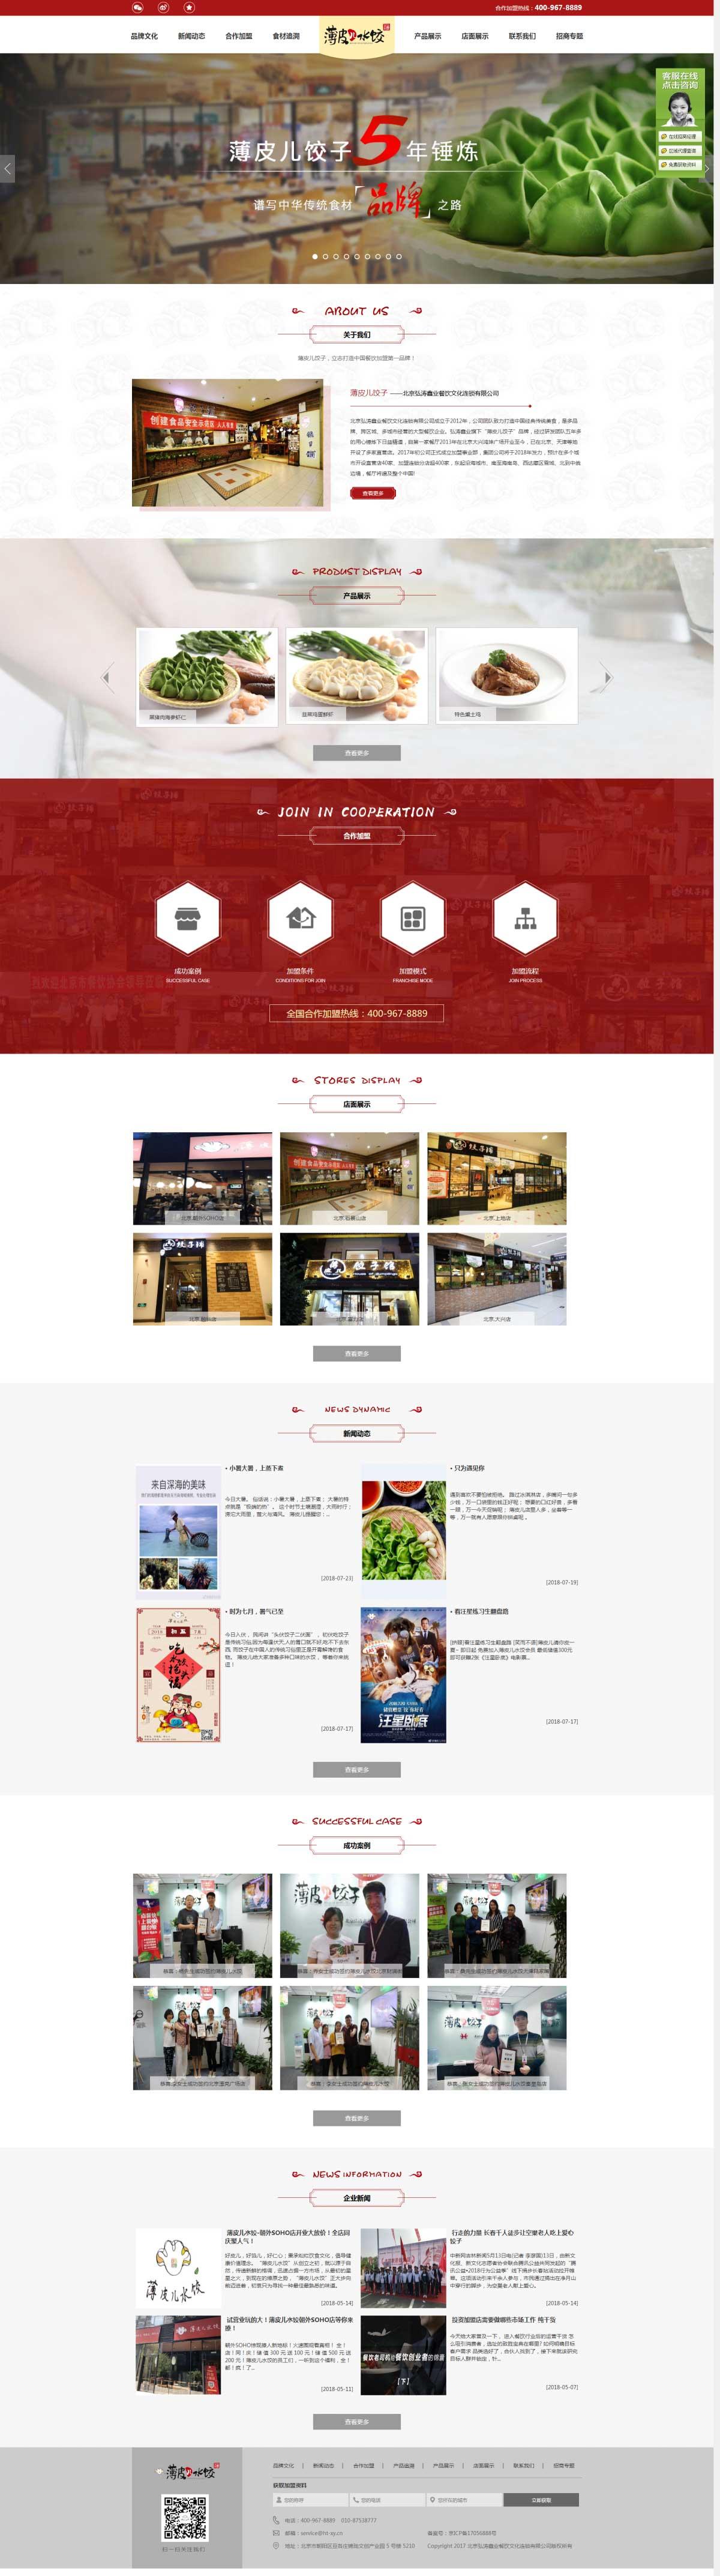 餐饮网站制作